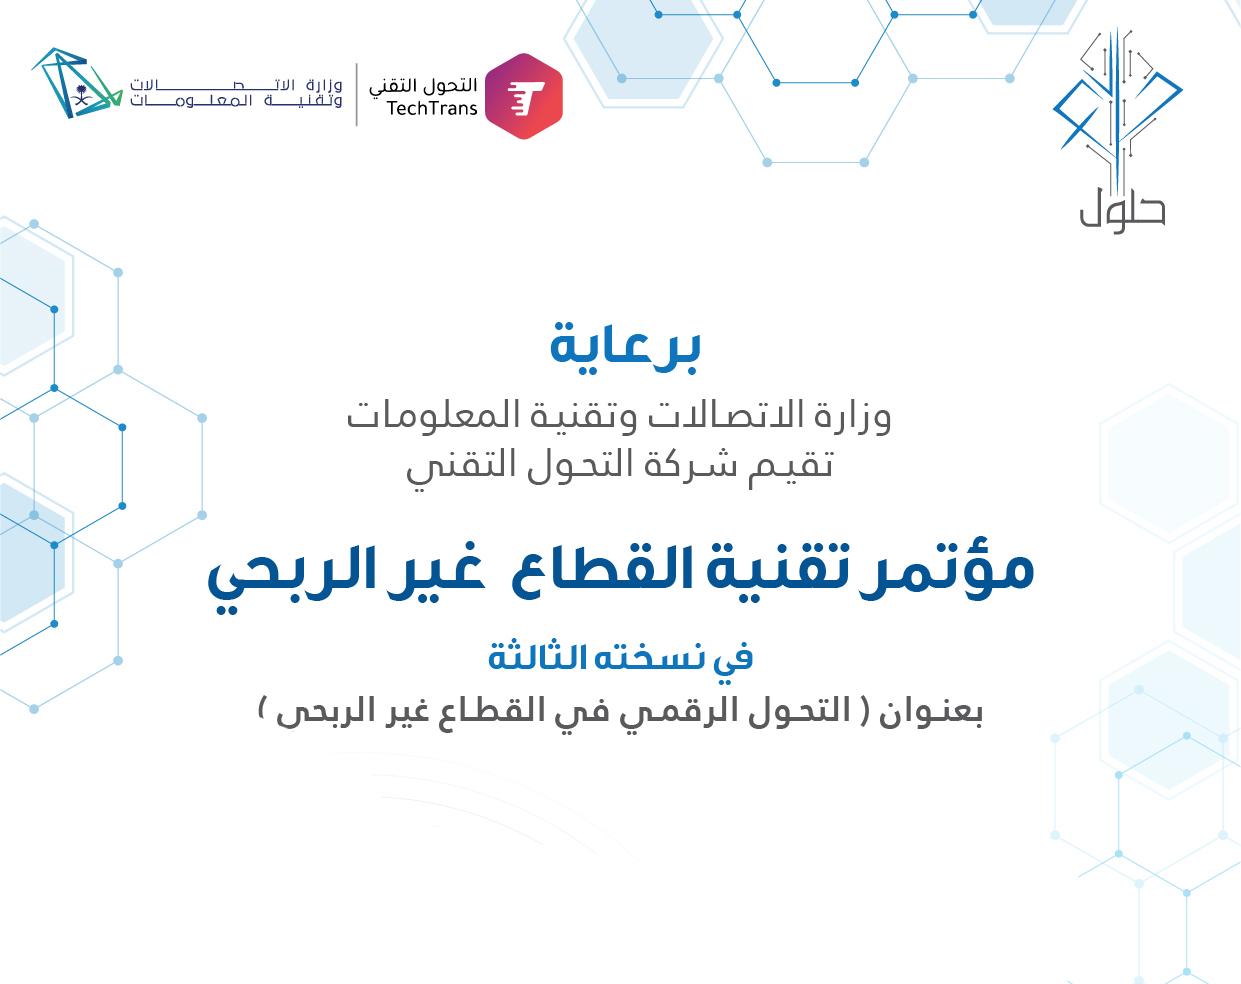 التحول التقني تستعد لإقامة مؤتمر تقنية القطاع غير الربحي الثالث (حلول)